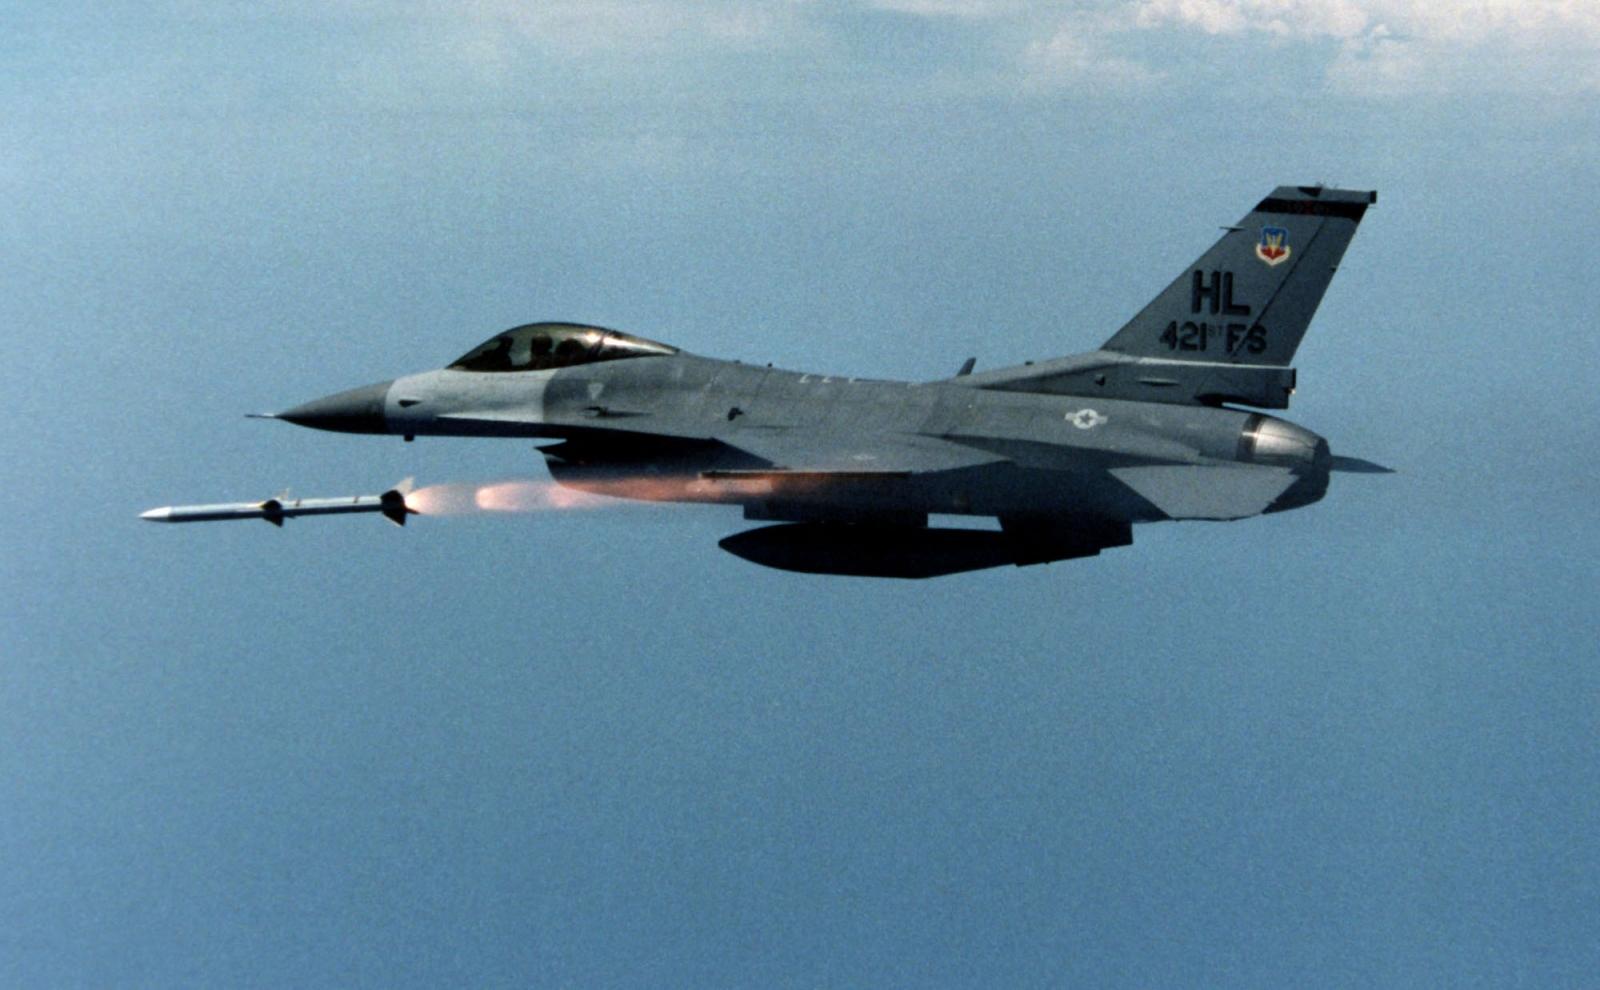 Air-to-Air Missile